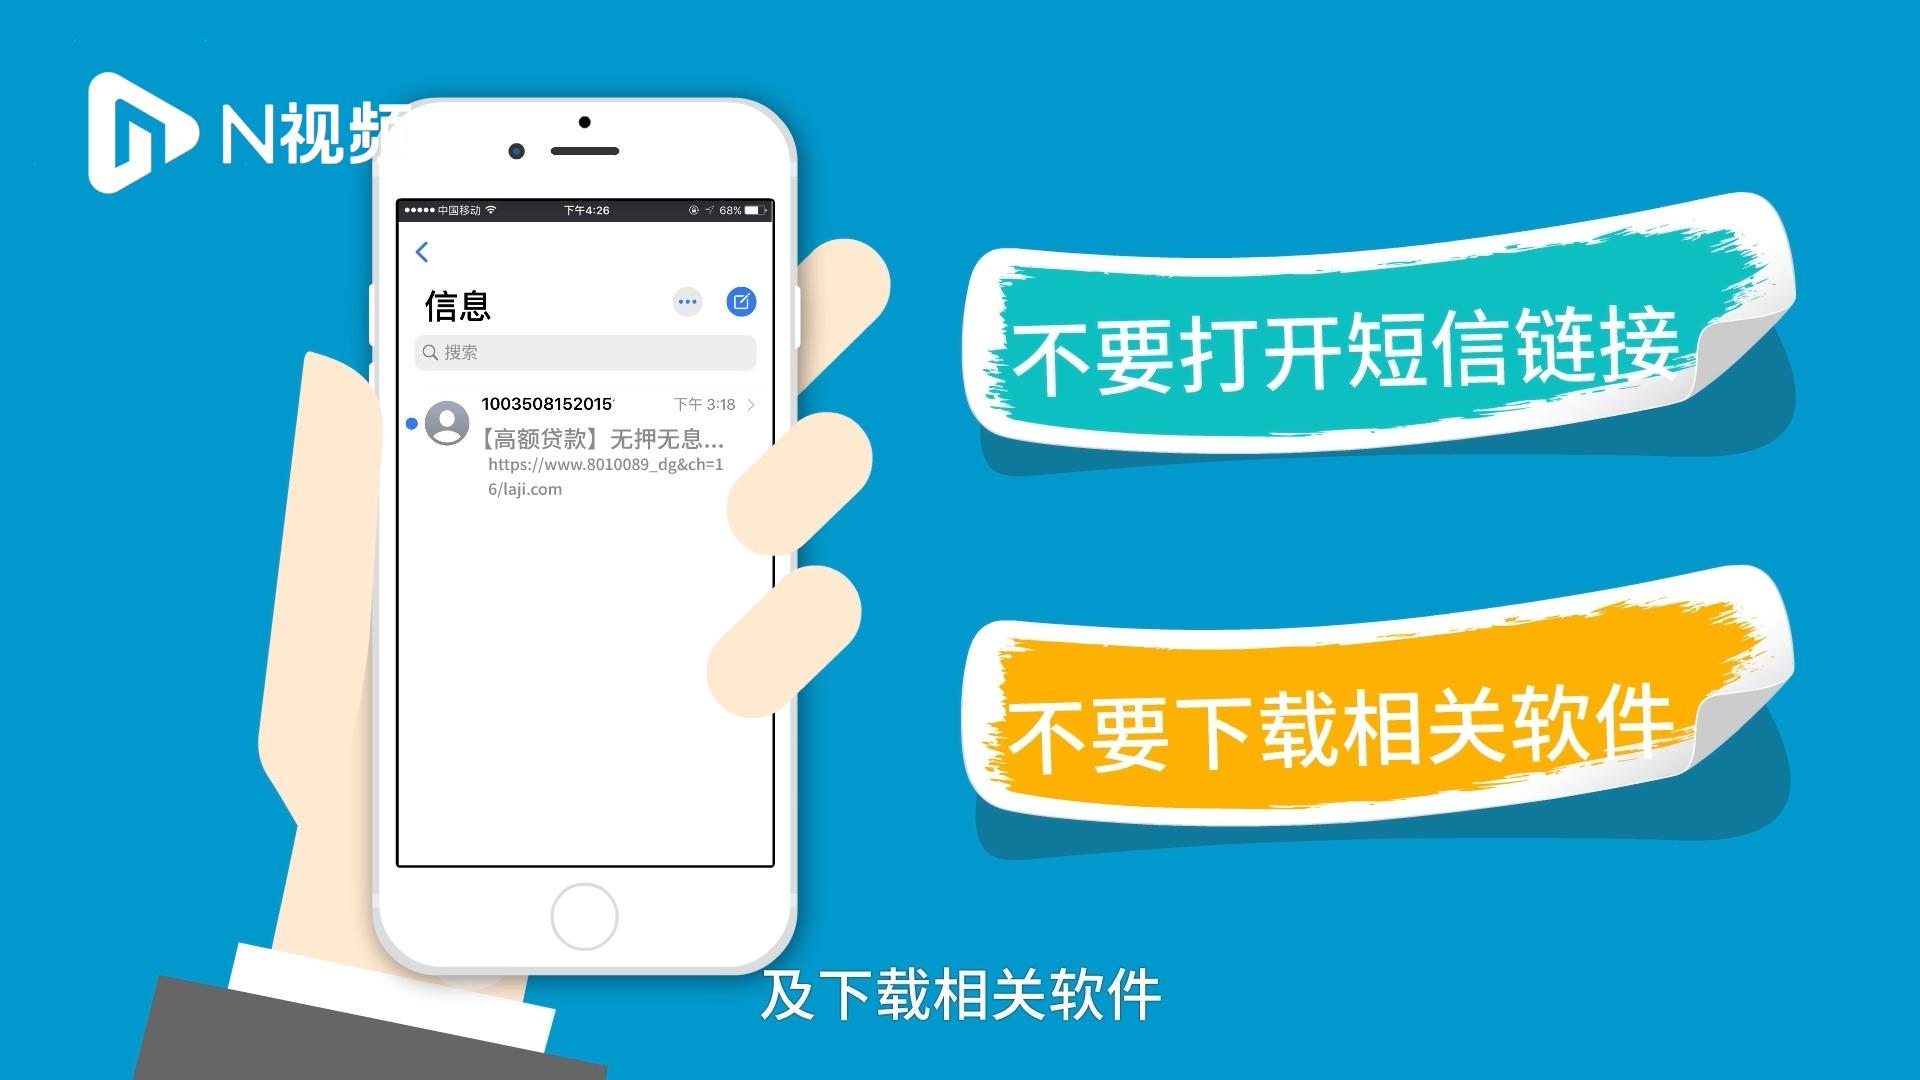 【3分钟金融学堂】贷款营销短信如何诈骗?以案说法带你看